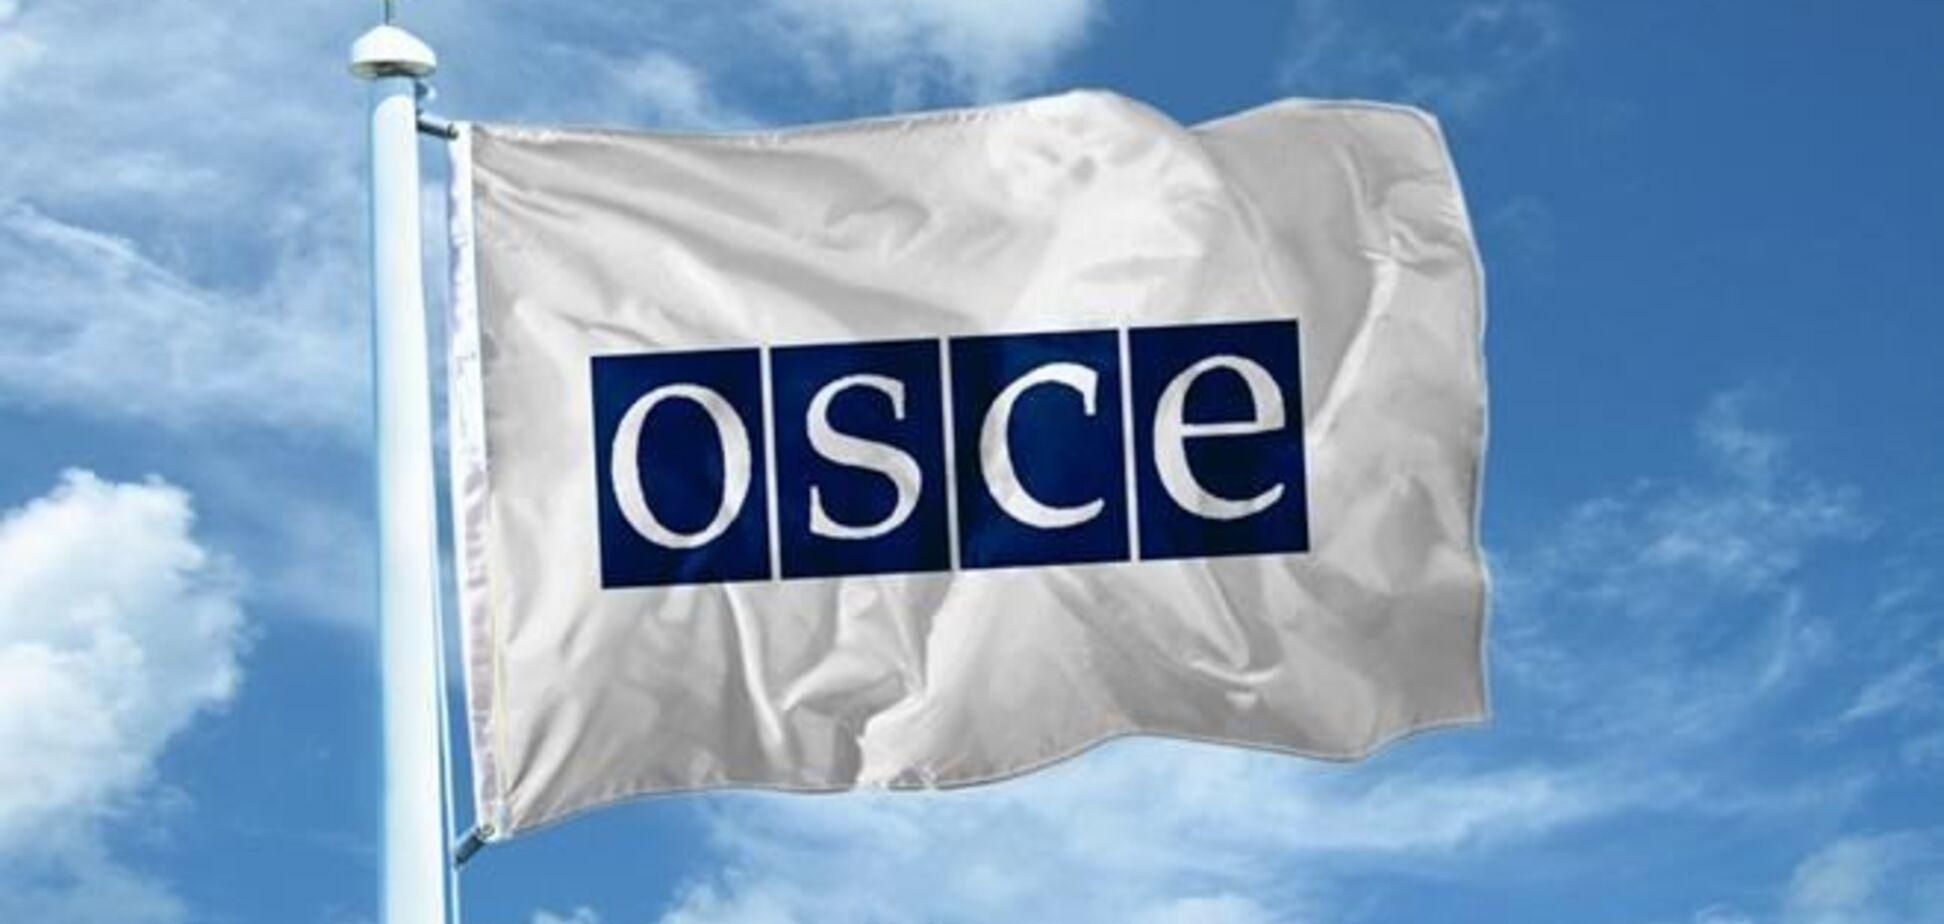 ОБСЕ 'засекла' более 700 взрывов возле Широкино и донецкого аэропорта